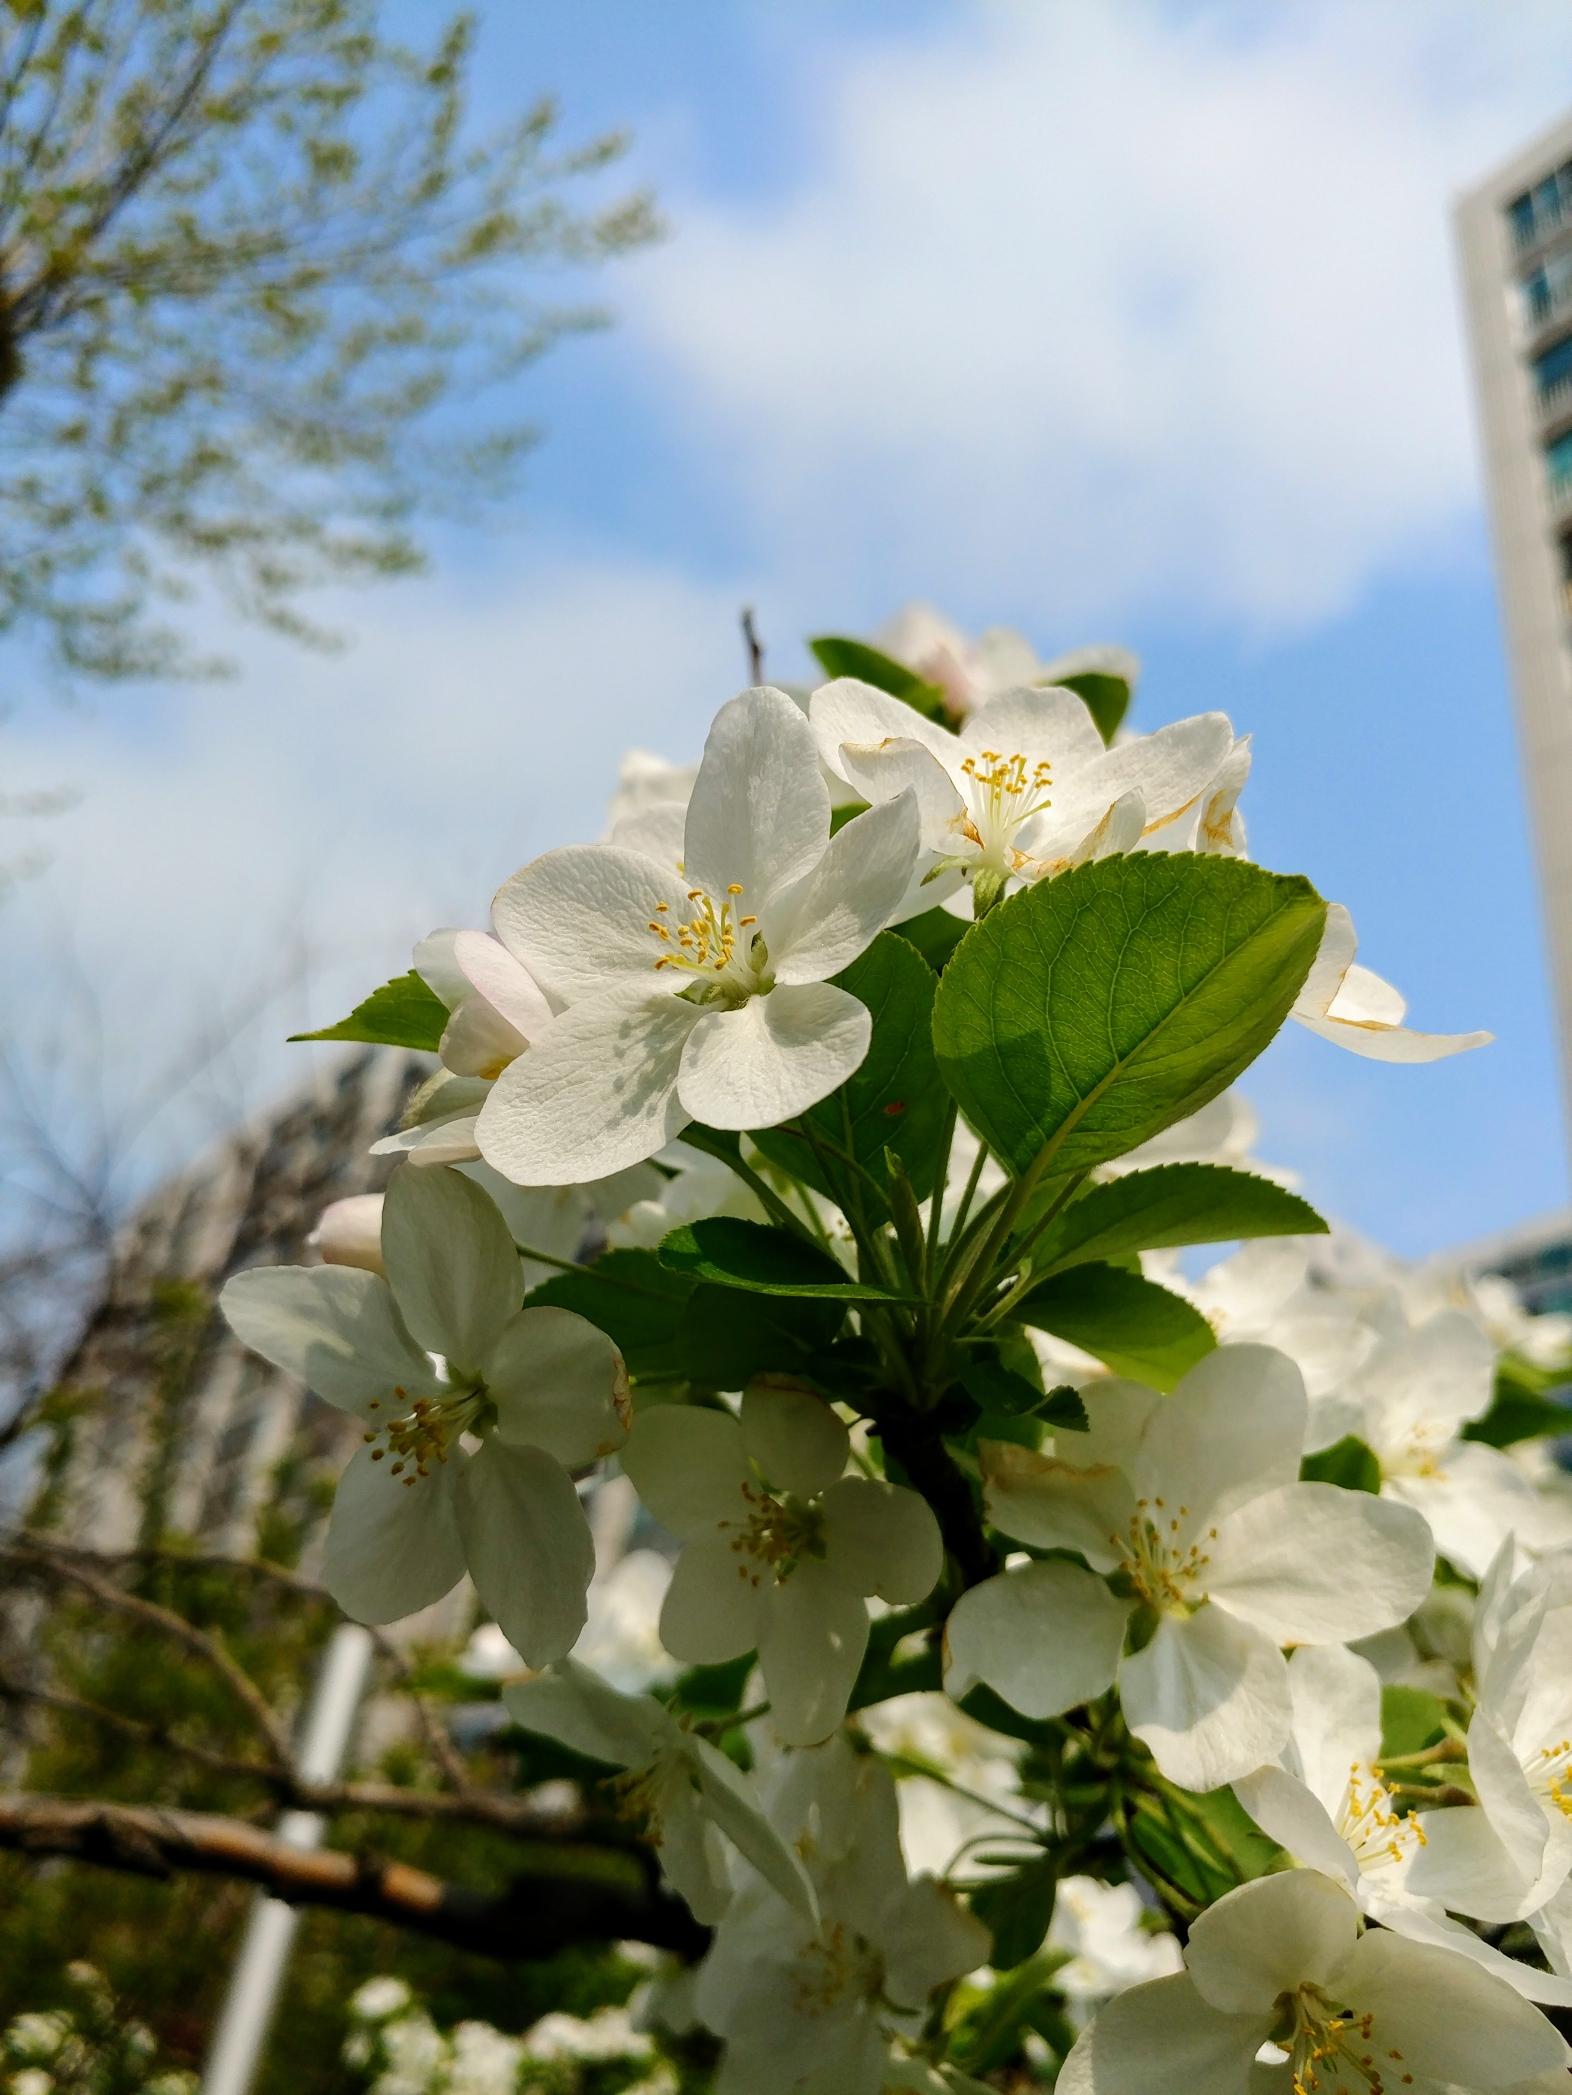 벚꽃만 있나? 봄이 좋아